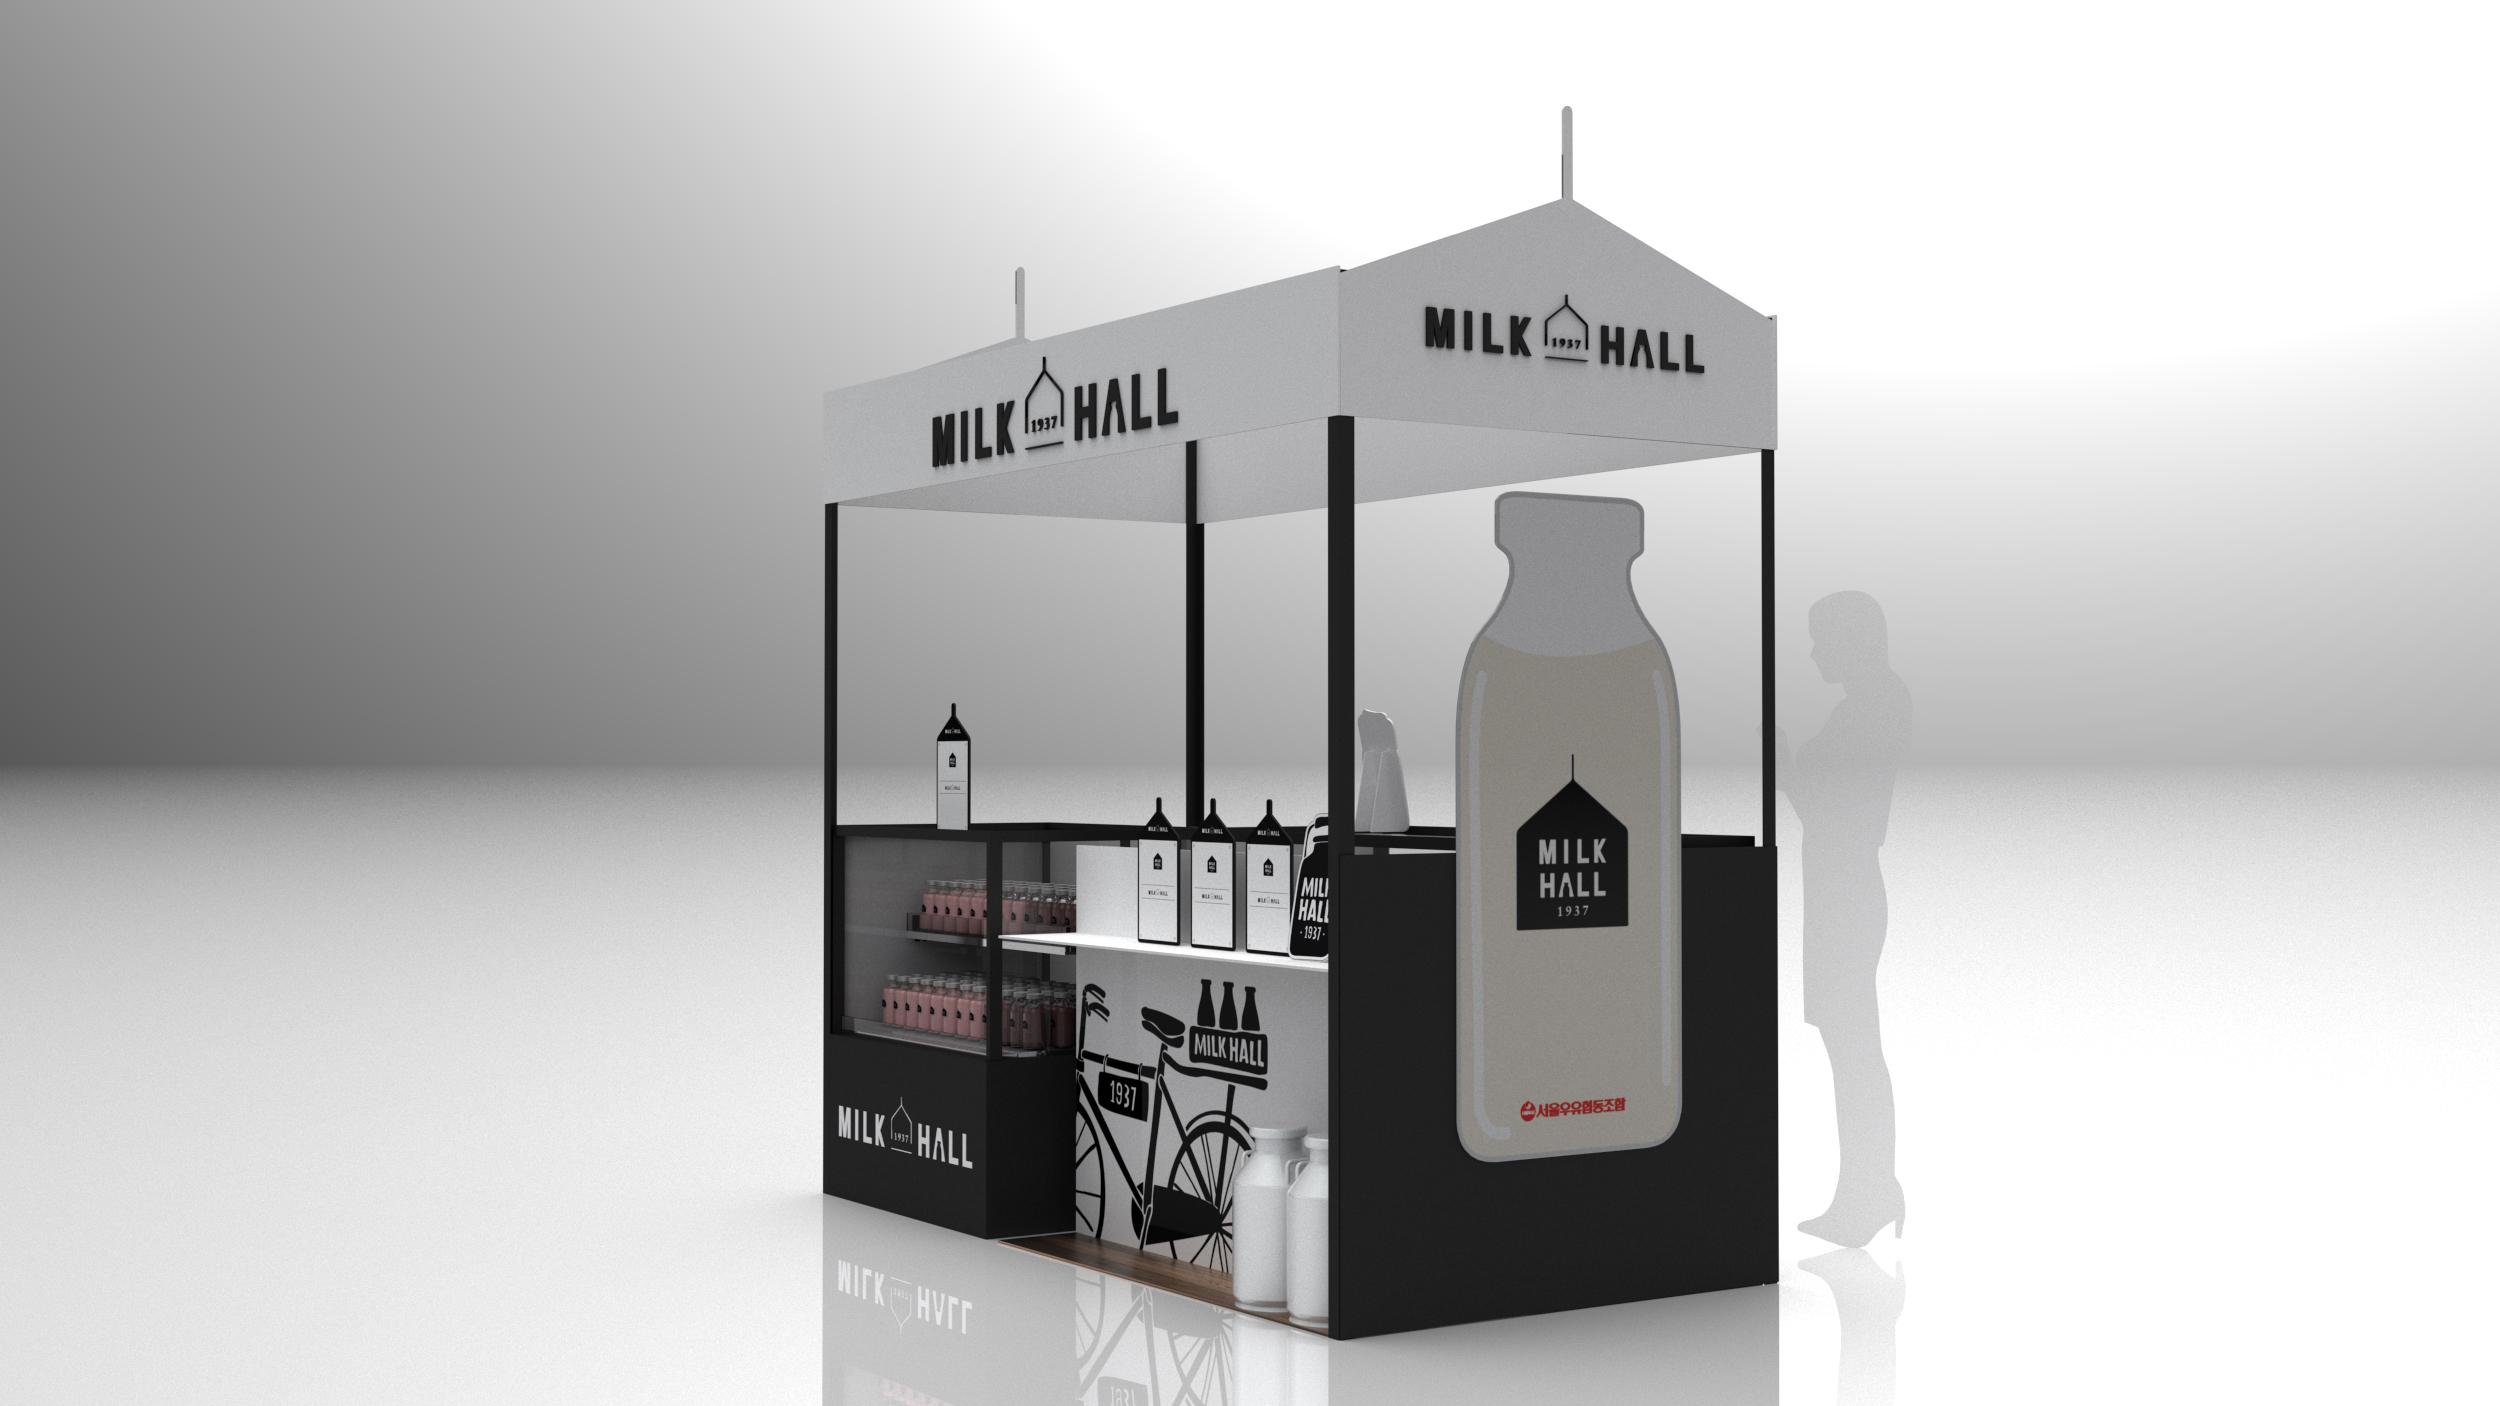 서울우유 밀크홀 특판매대